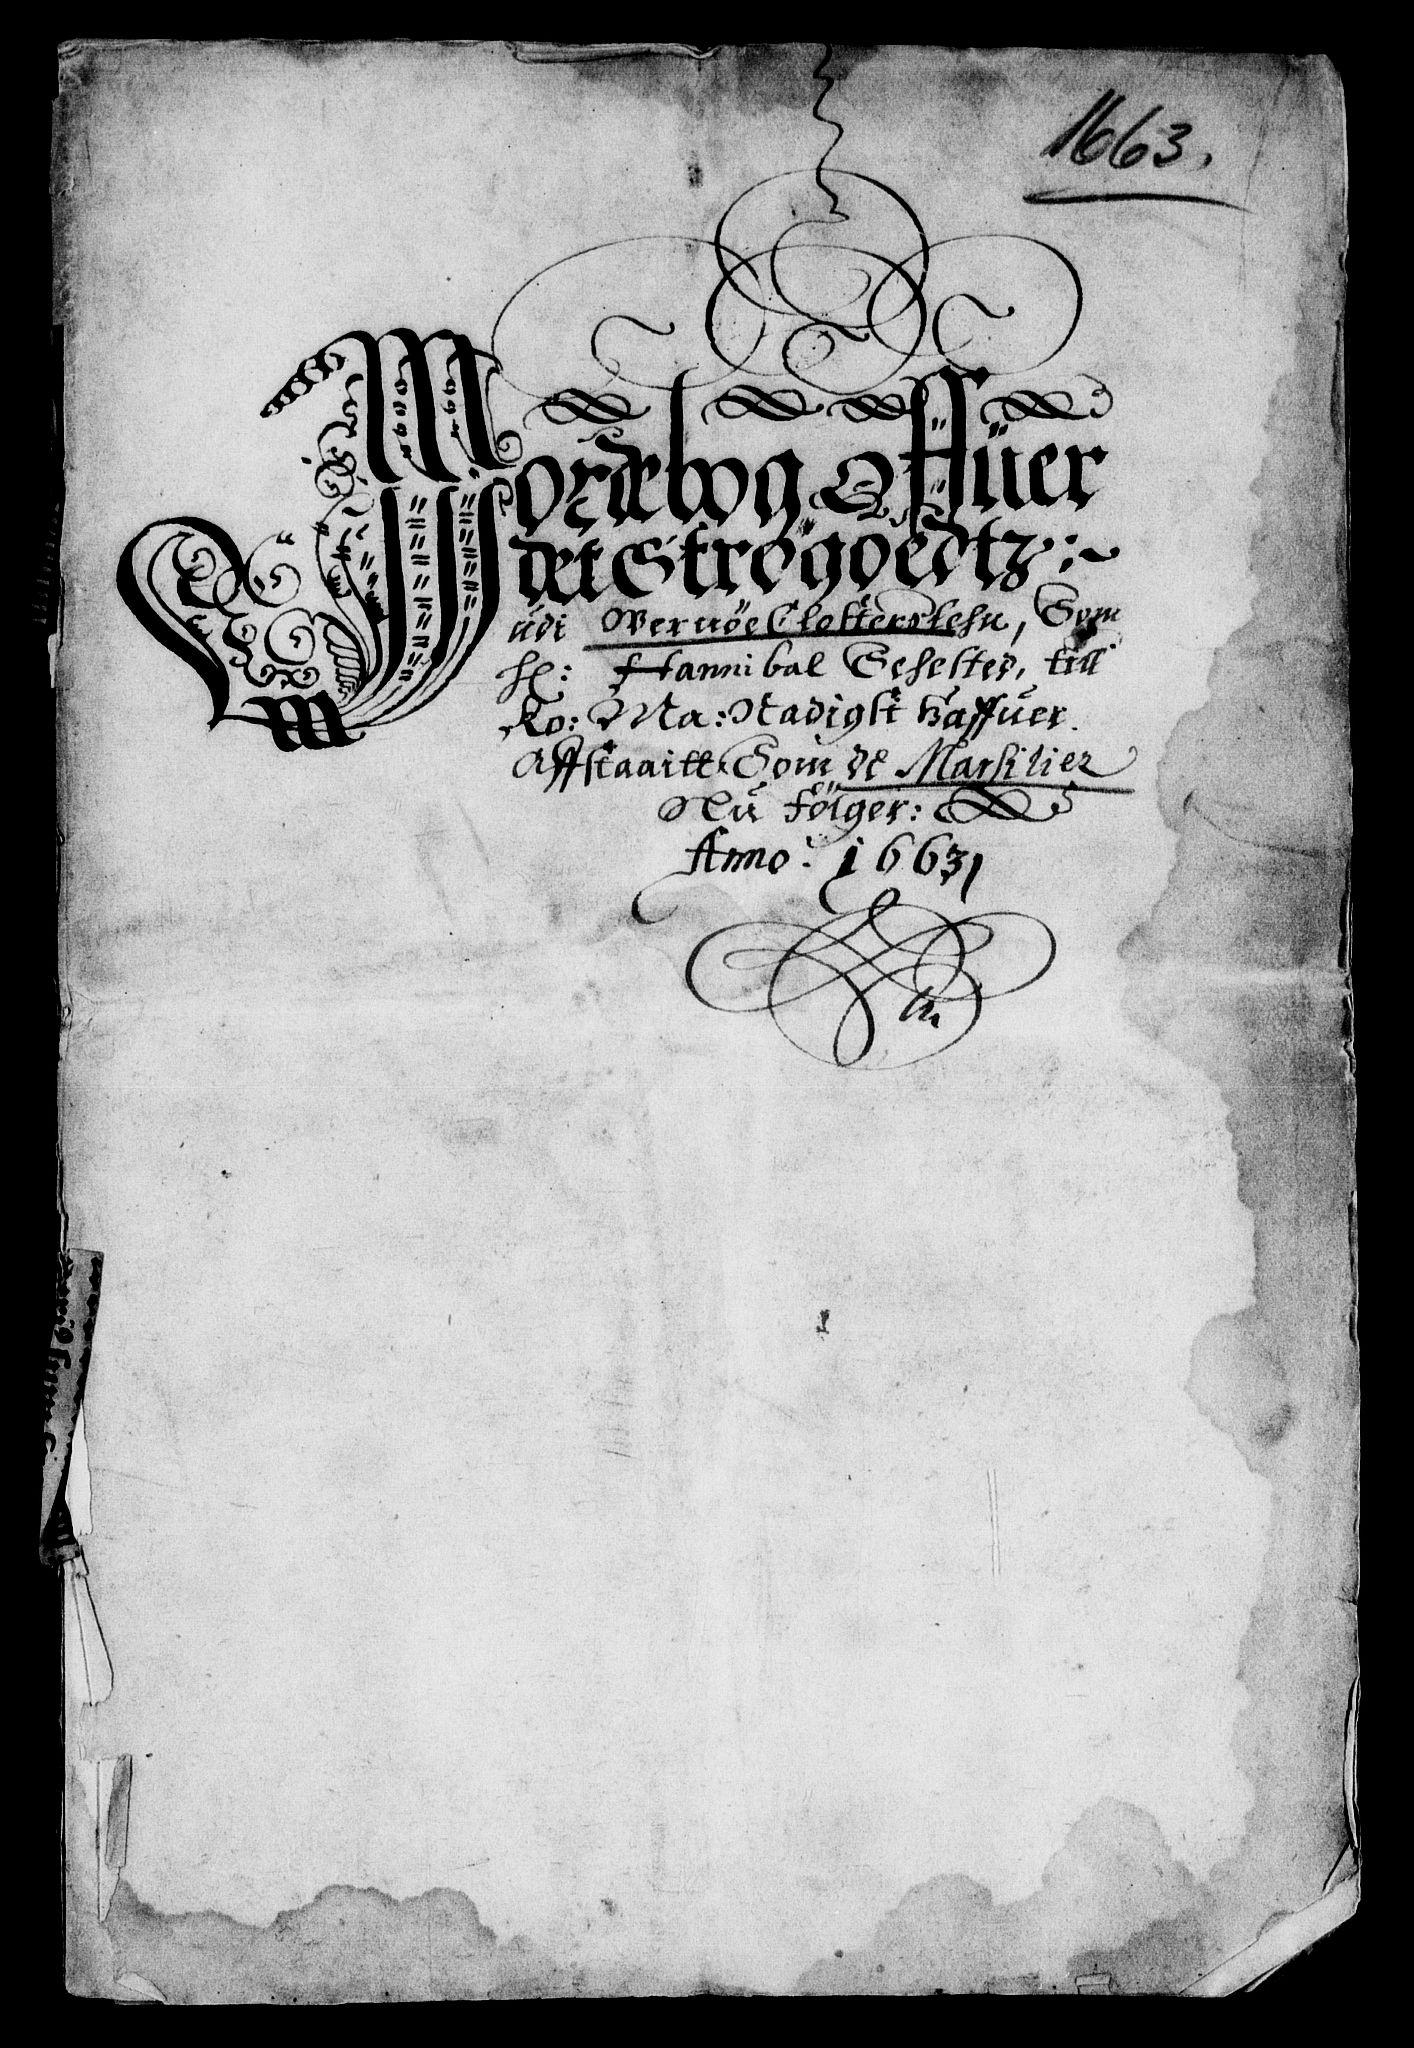 RA, Rentekammeret inntil 1814, Realistisk ordnet avdeling, On/L0007: [Jj 8]: Jordebøker og dokumenter innlevert til kongelig kommisjon 1672: Verne klosters gods, 1658-1672, s. 118